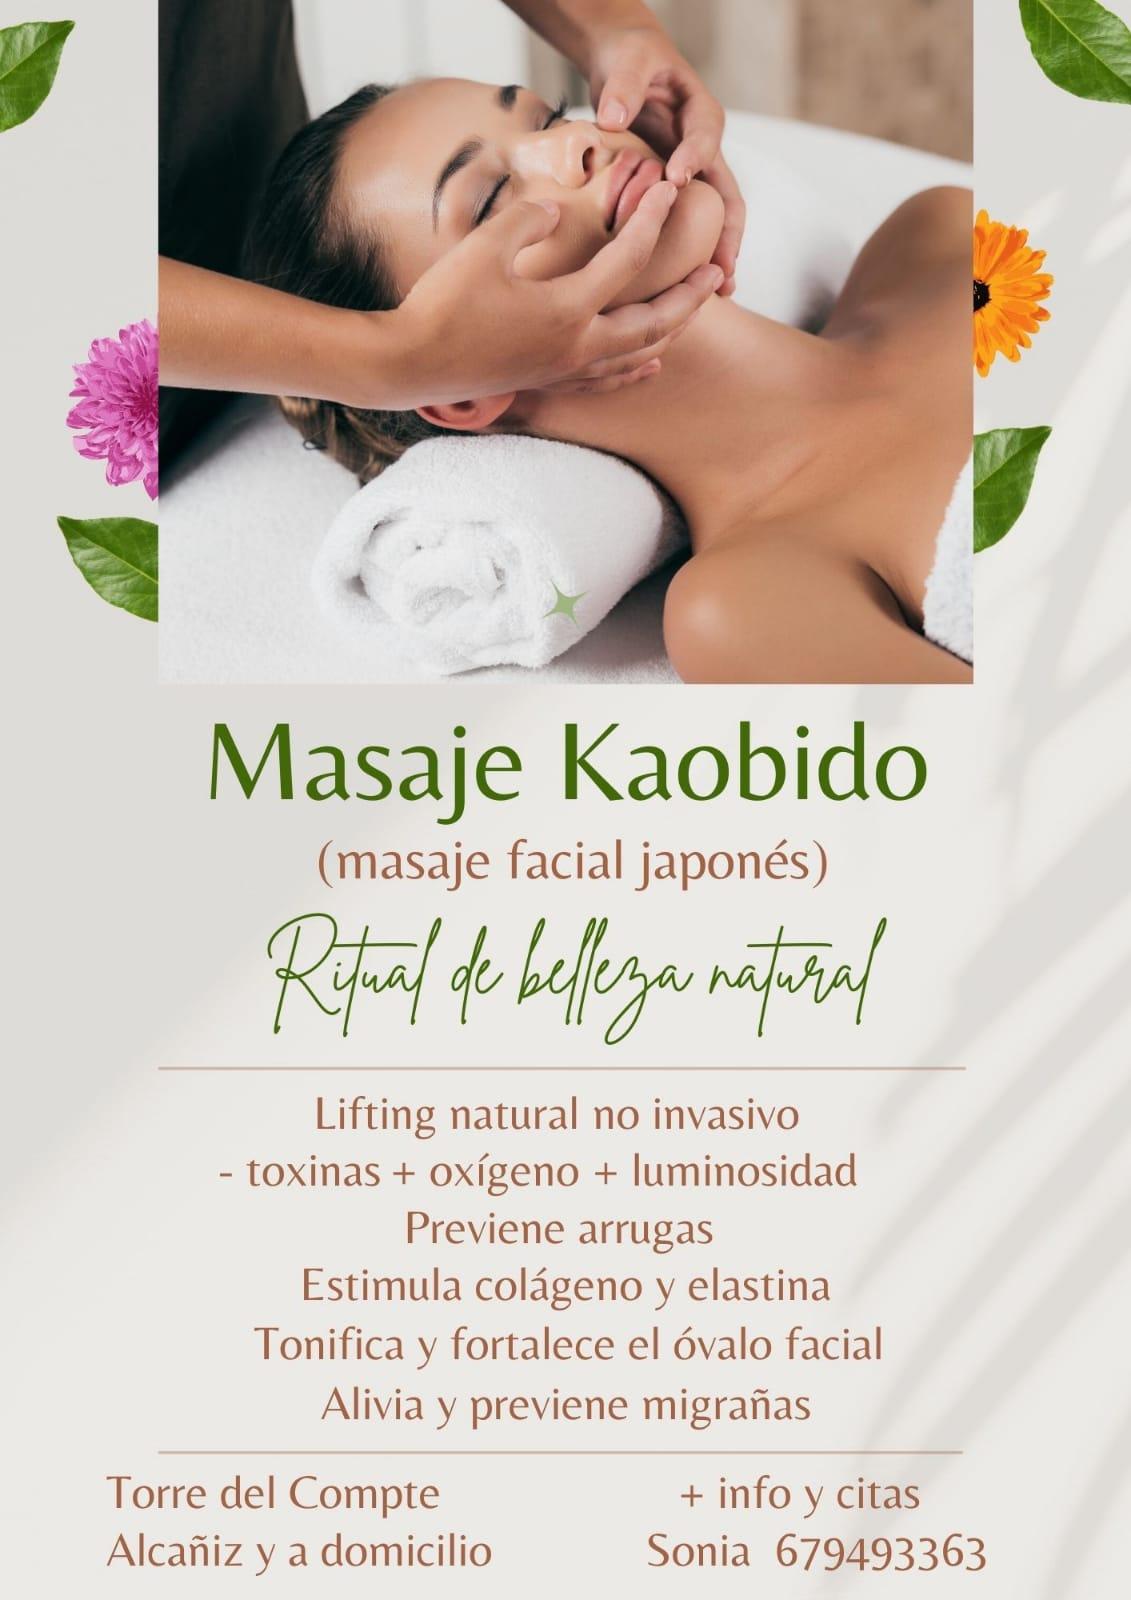 Masaje facial Kaobido